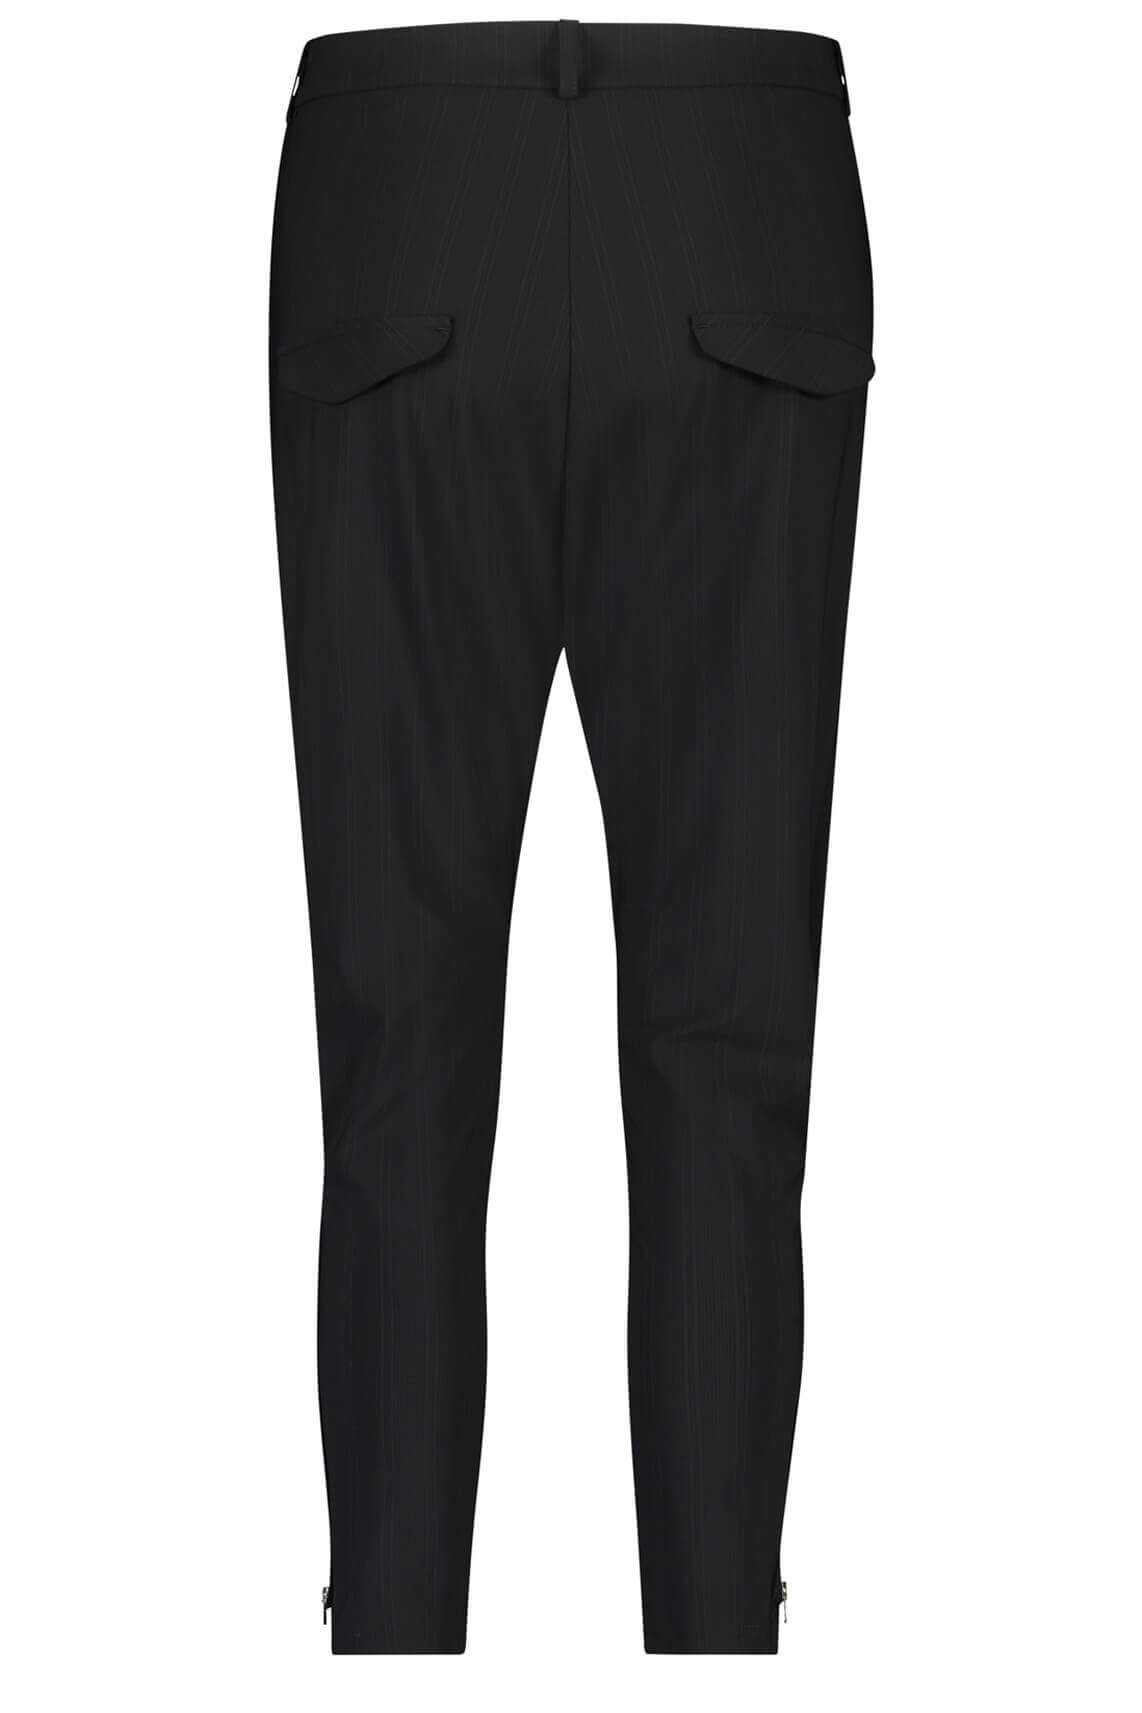 Penn & Ink Dames Gestreepte broek met sierrits zwart